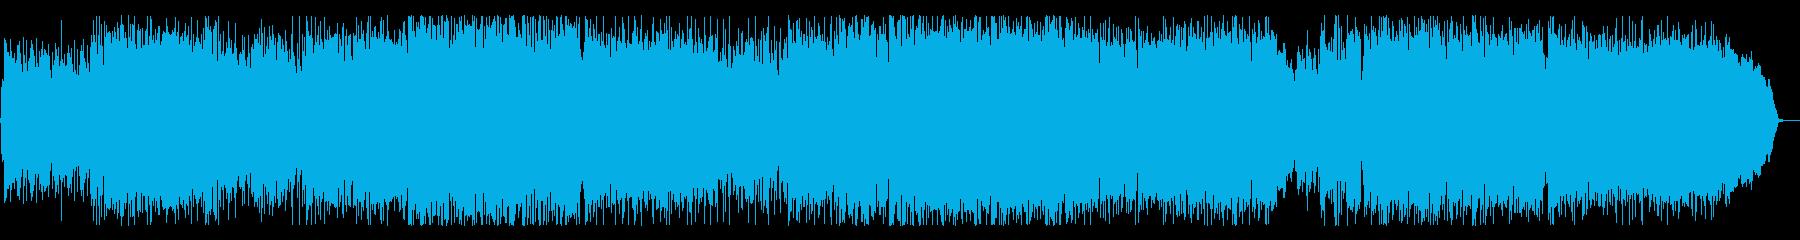 優しくも切ないロックバラードの再生済みの波形